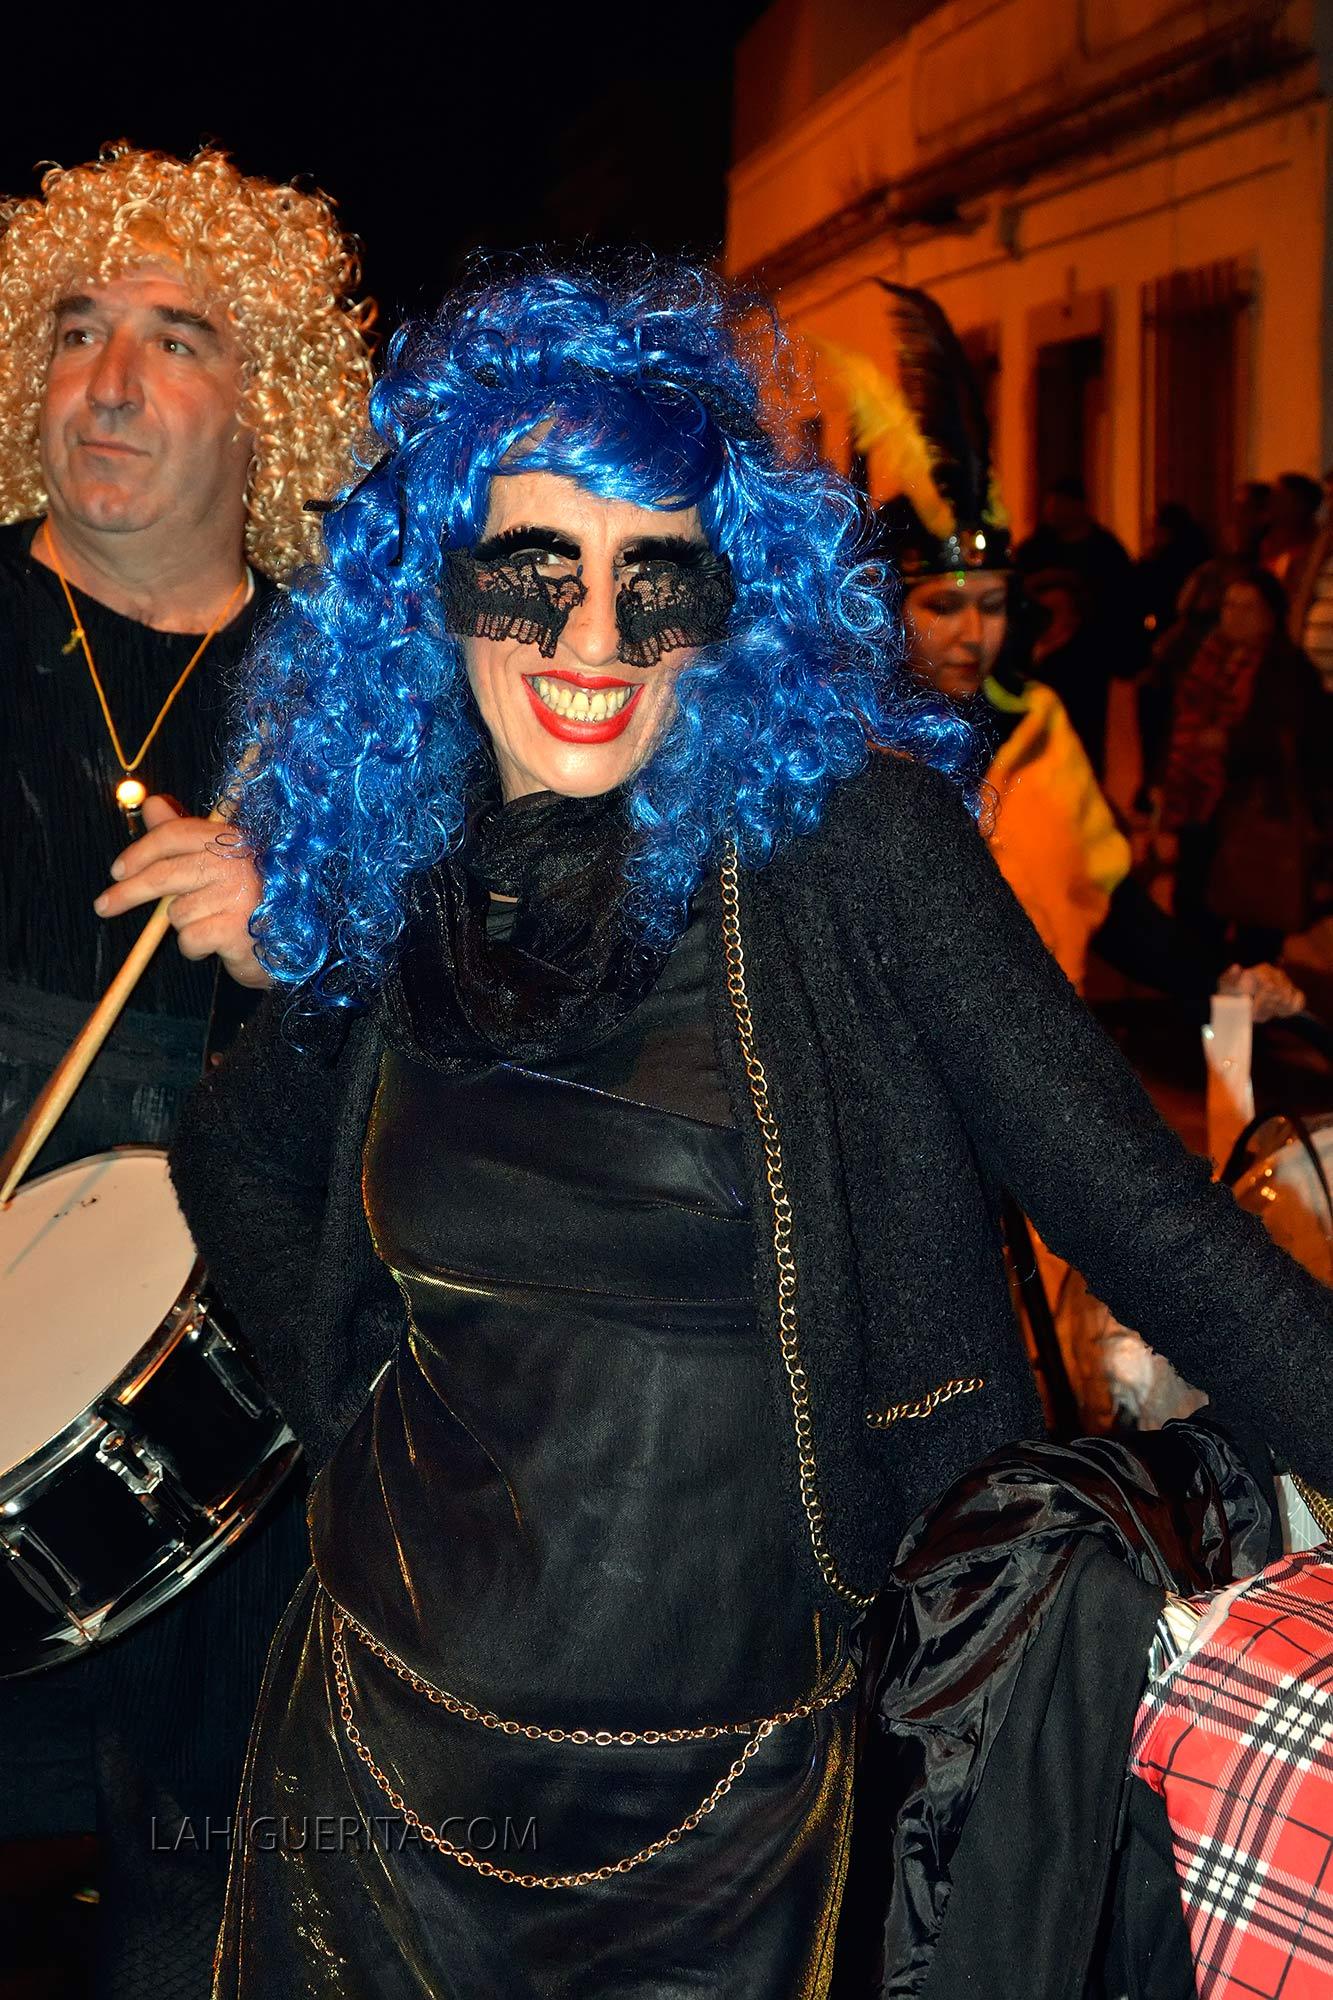 Entierro de la sardina carnaval isla cristina _DSC2296